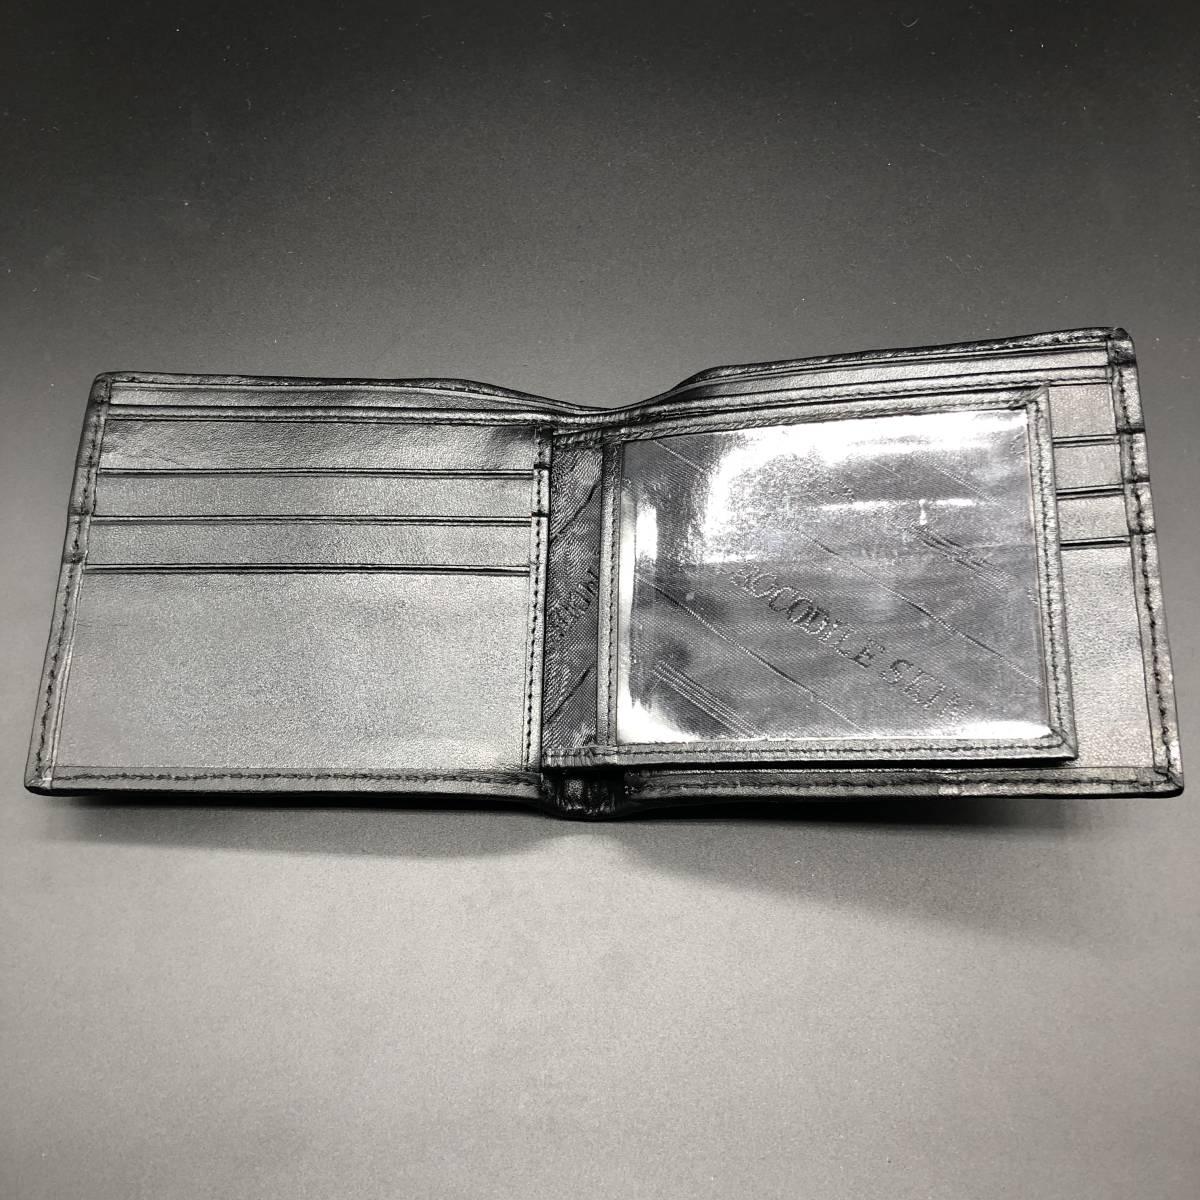 ■新品■ ◆ハンドメイド◆ 二つ折り財布 クロコダイル(背部分使用 )★海外工房店制作★ Ⅱ_画像8